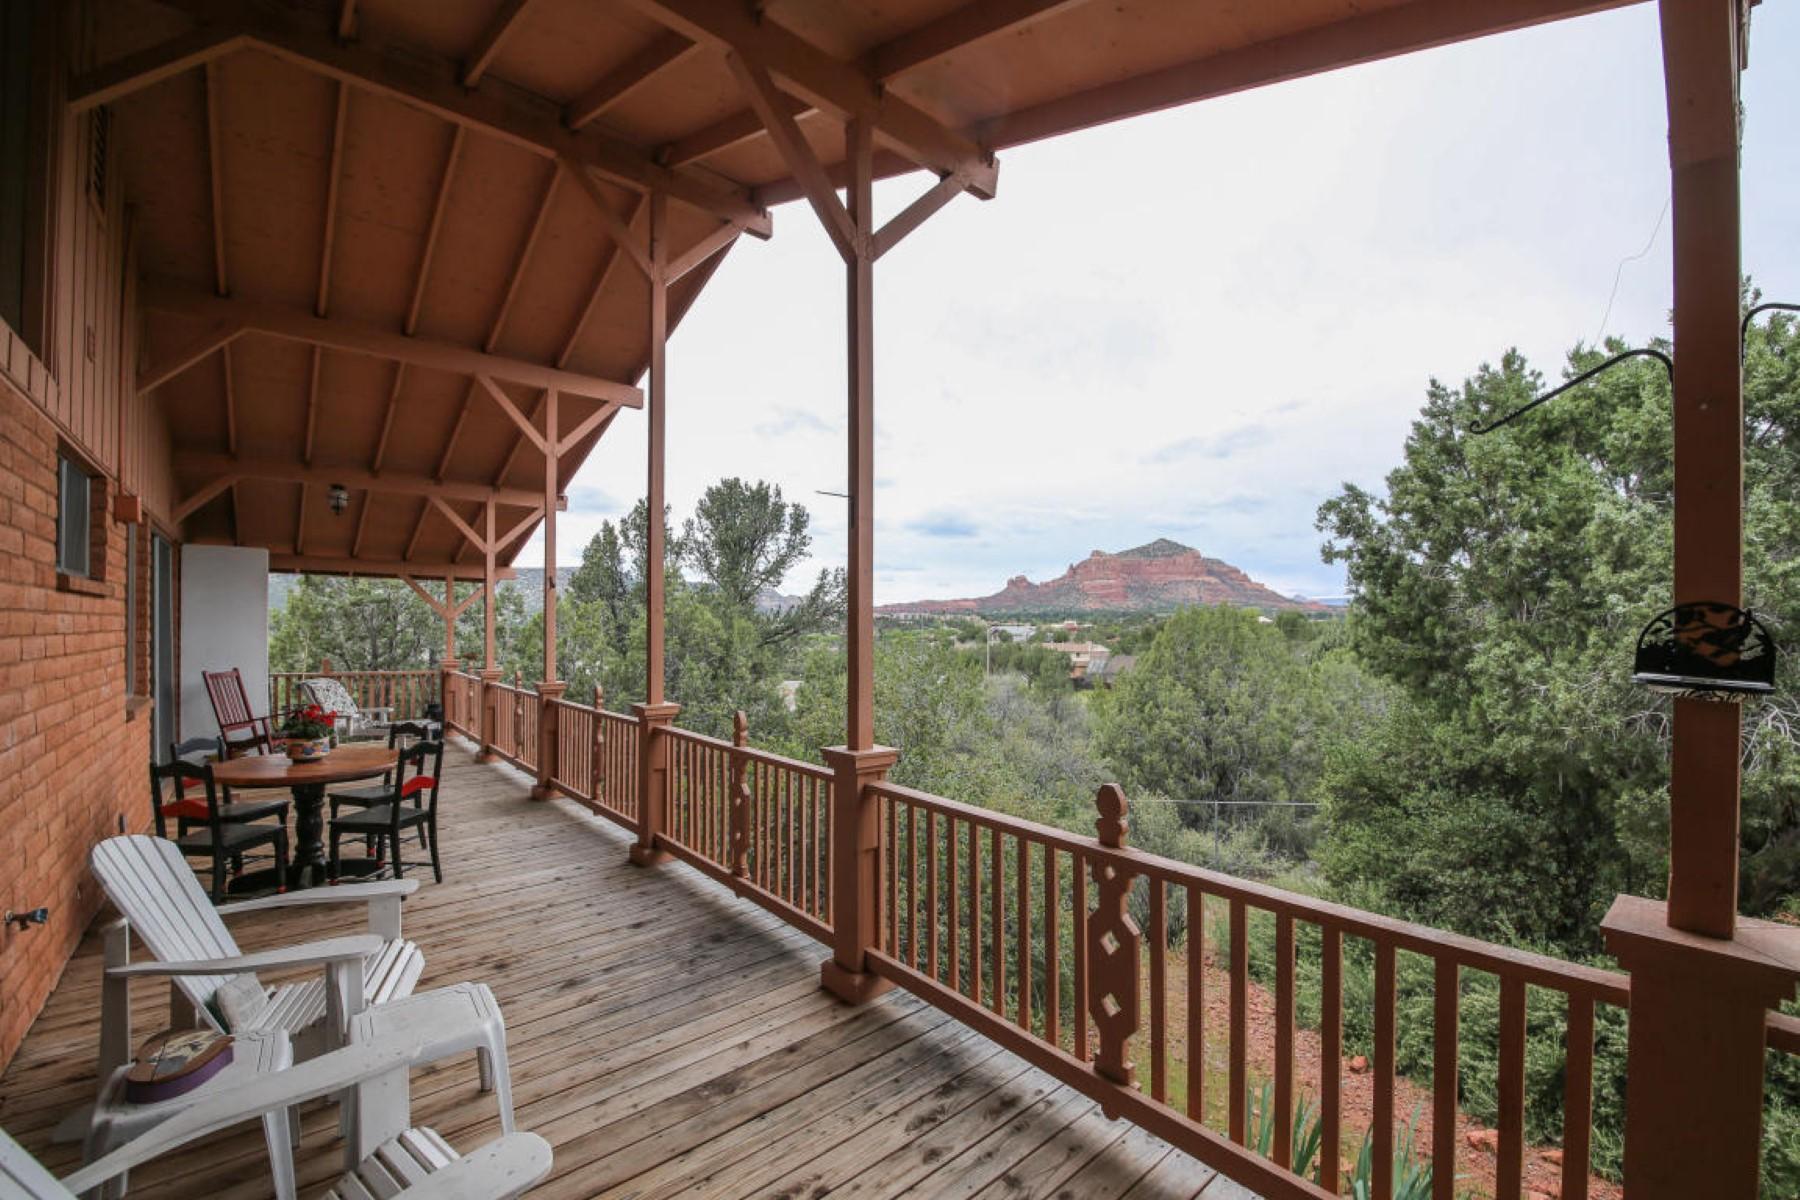 一戸建て のために 売買 アット Nestled on a quiet half acre lot among pine. 80 W Tonto Rim DR Sedona, アリゾナ 86351 アメリカ合衆国